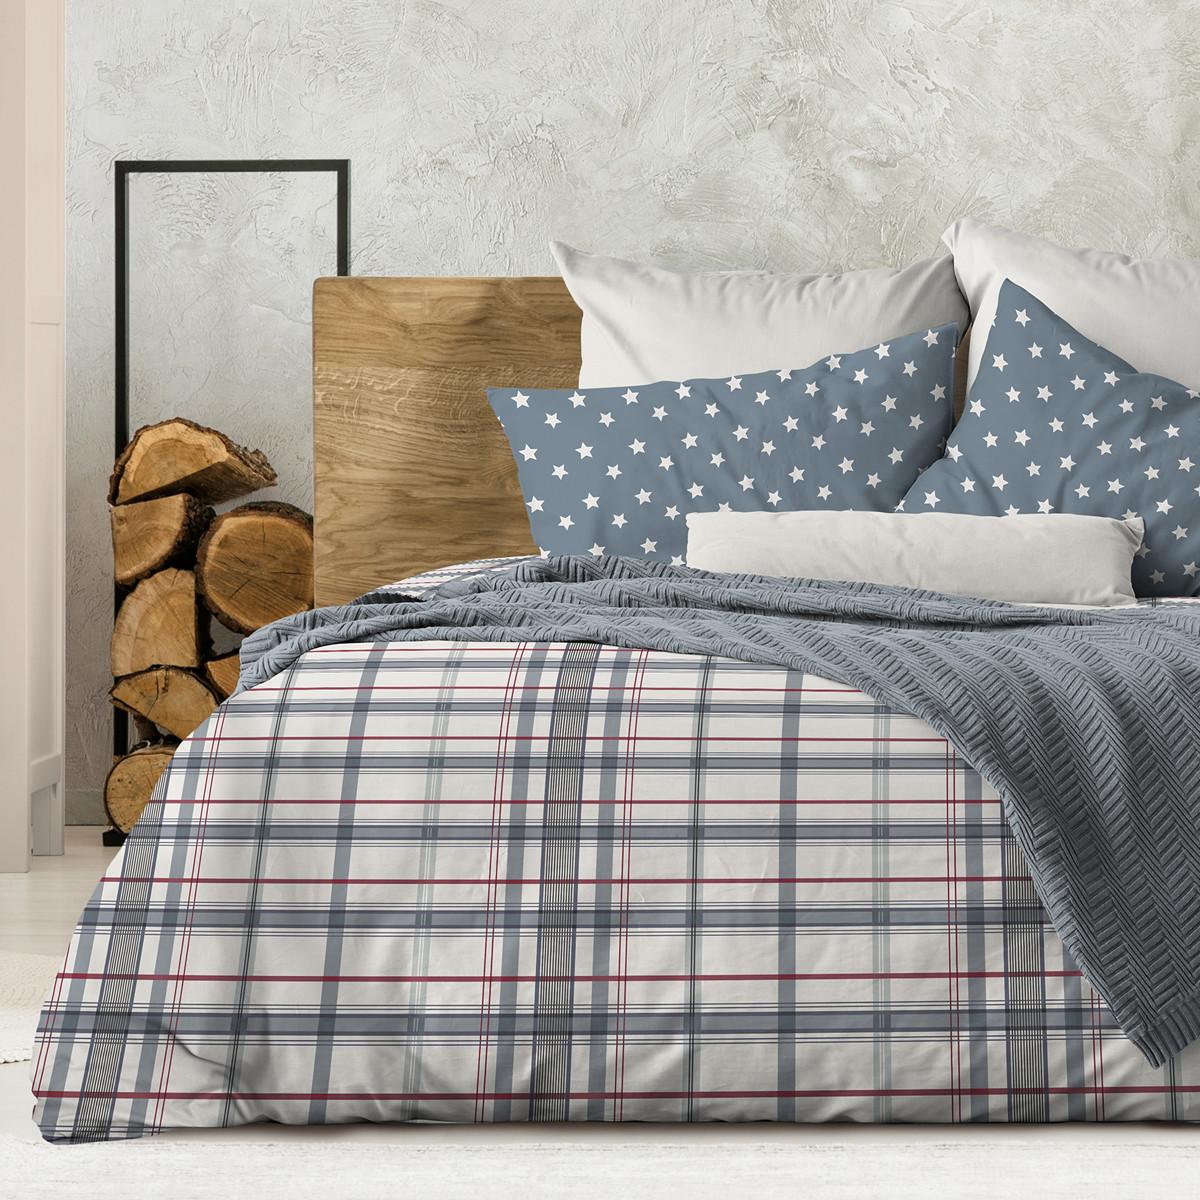 Wenge Комплект постельного белья  Bandstar,  WENGE, 2 спальный евро